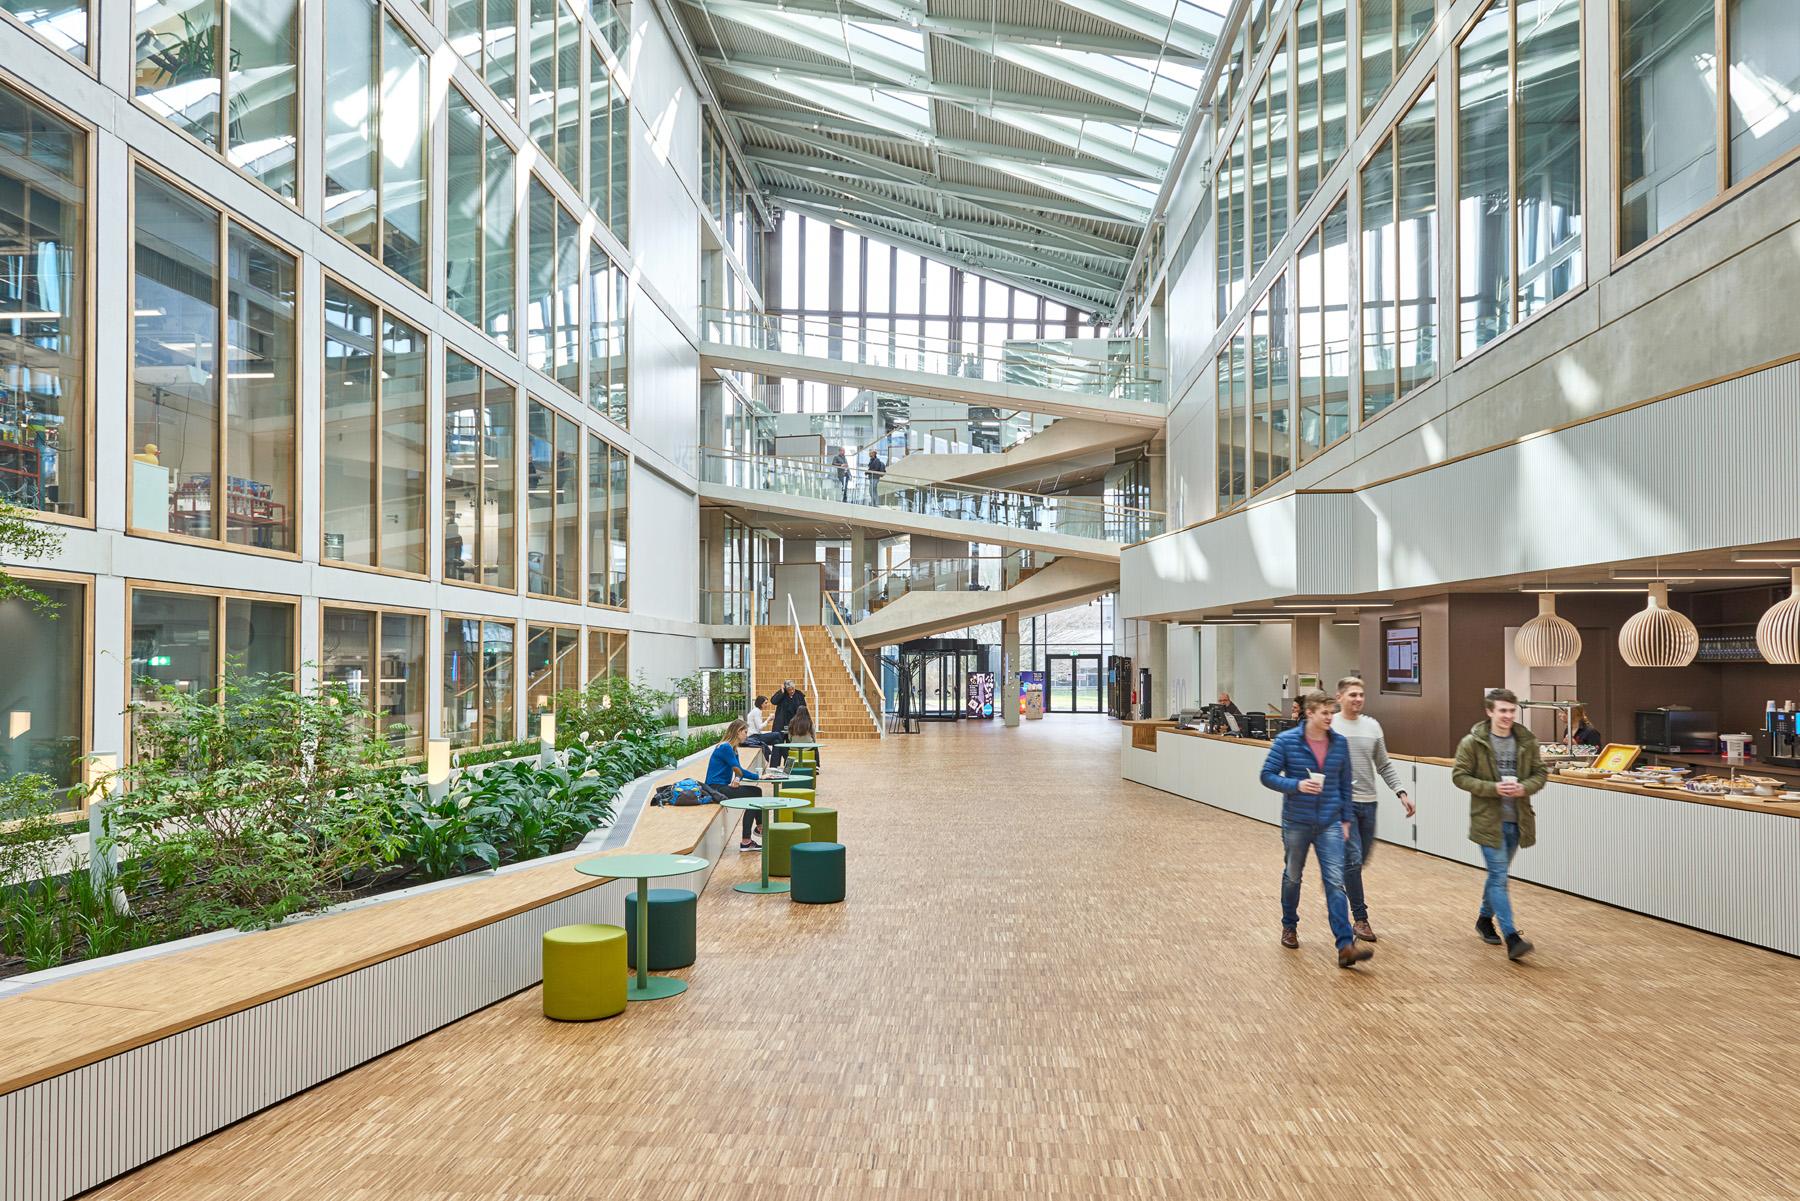 <p>Ontmoetingsplaats op de campus – fotografie: Ronald Zijlstra</p>